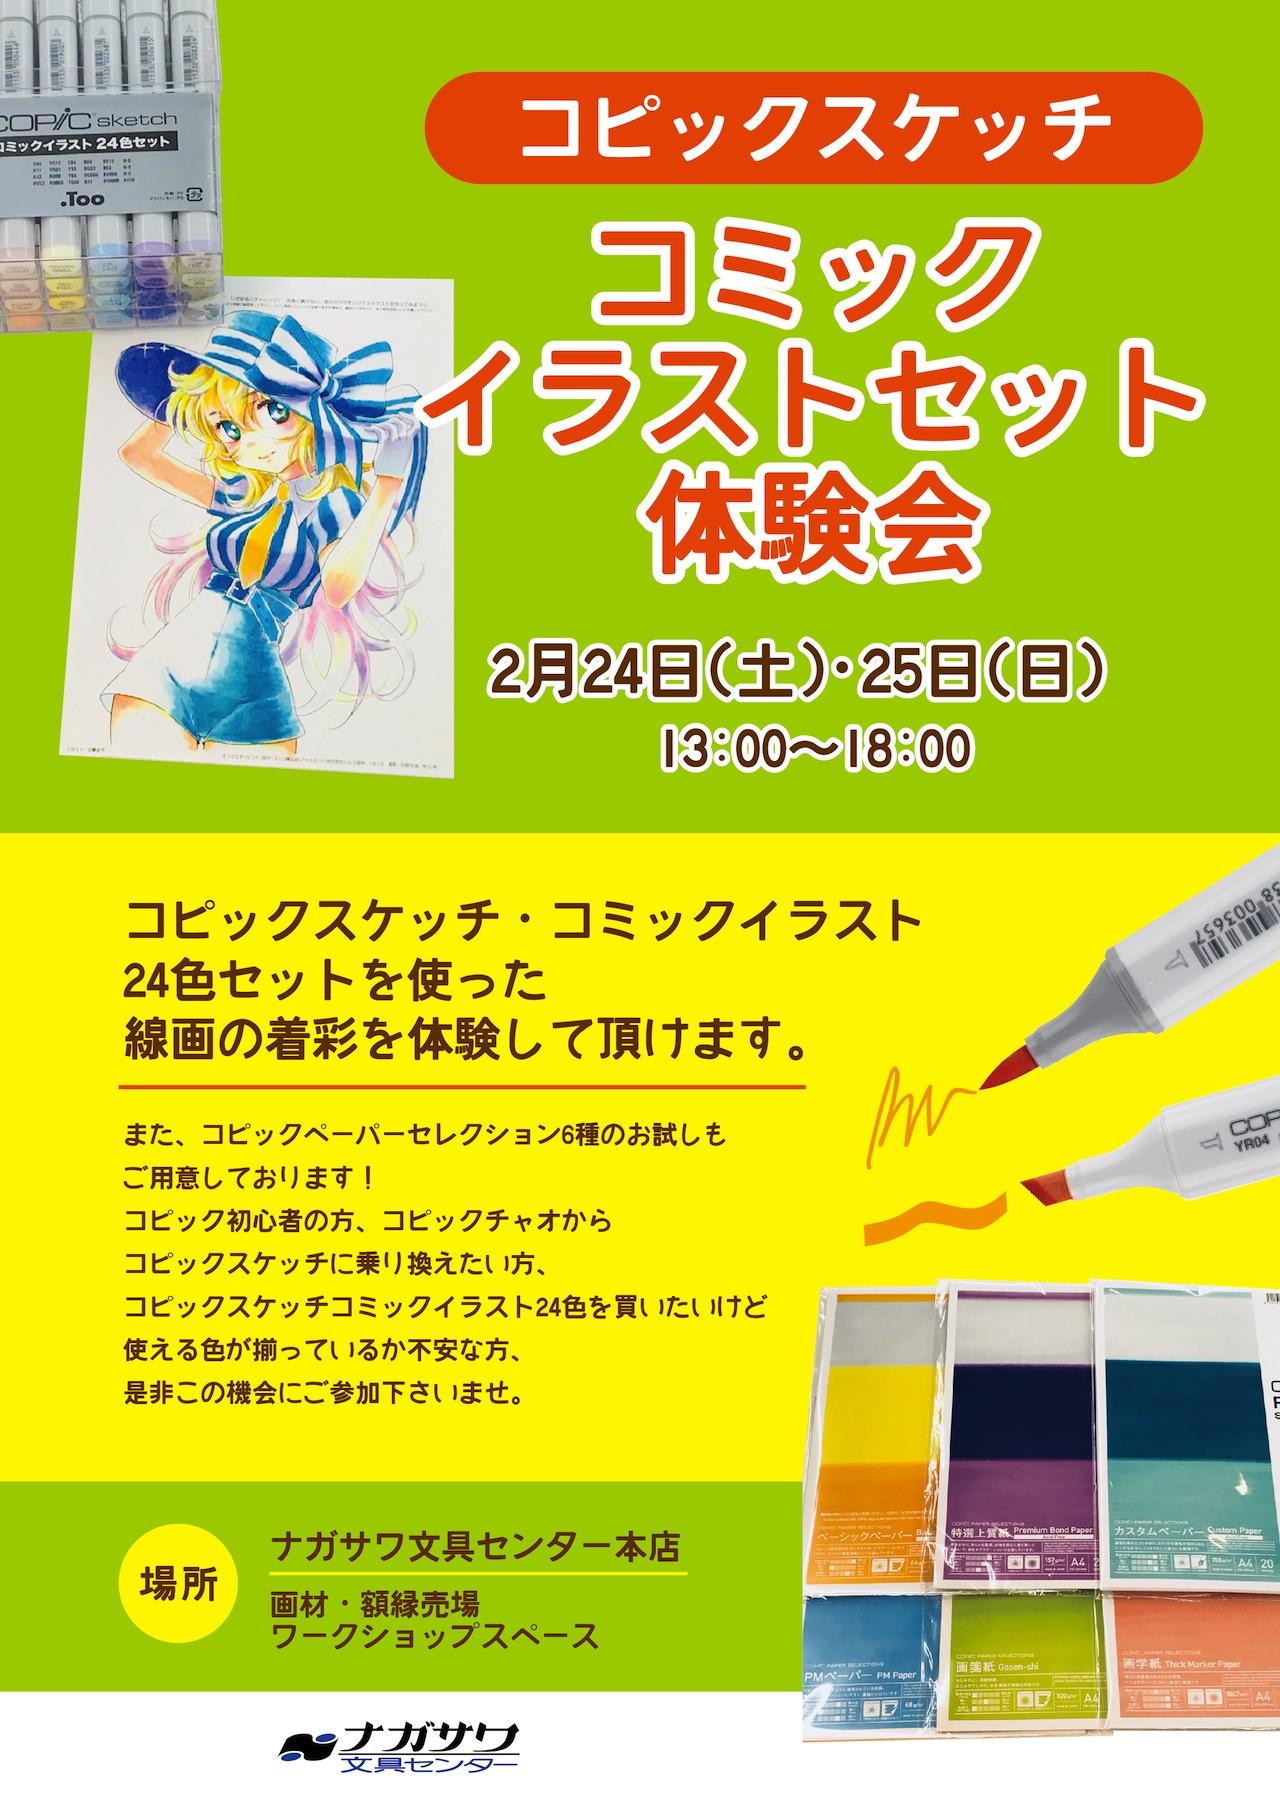 【体験会】 コミックイラストセット体験会 | ナガサワ文具センター 本店